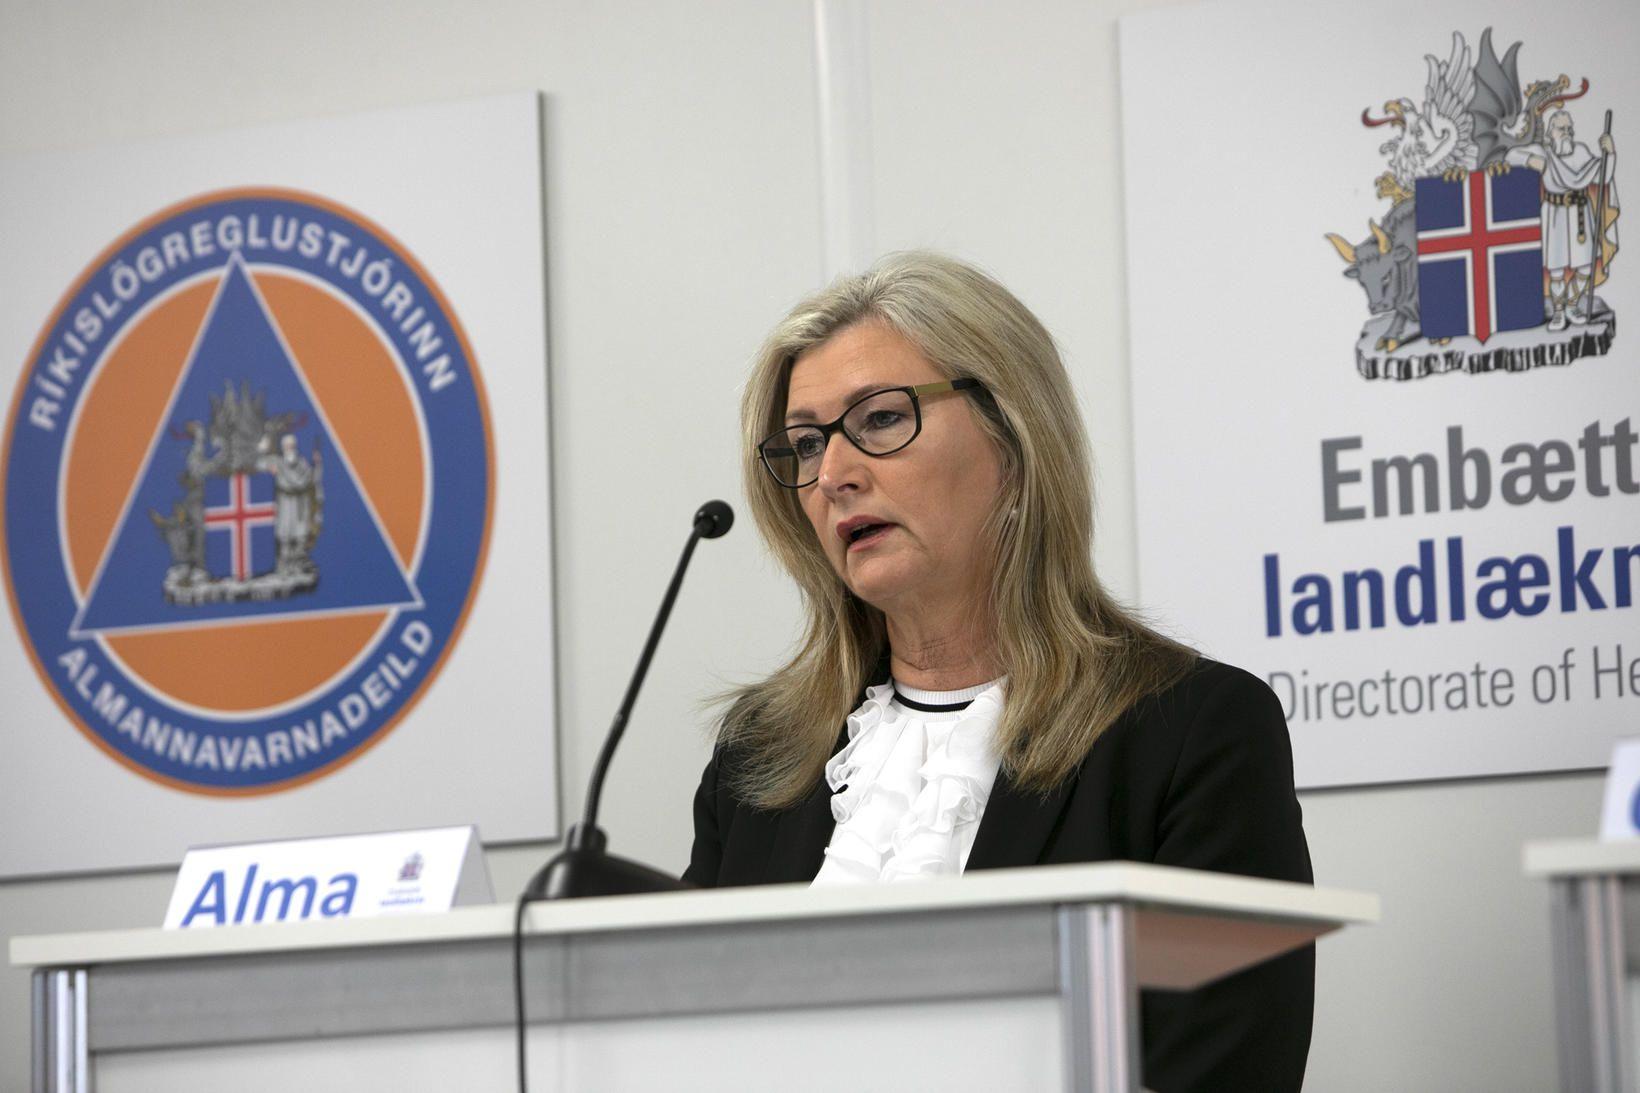 Alma Möller landlæknir.